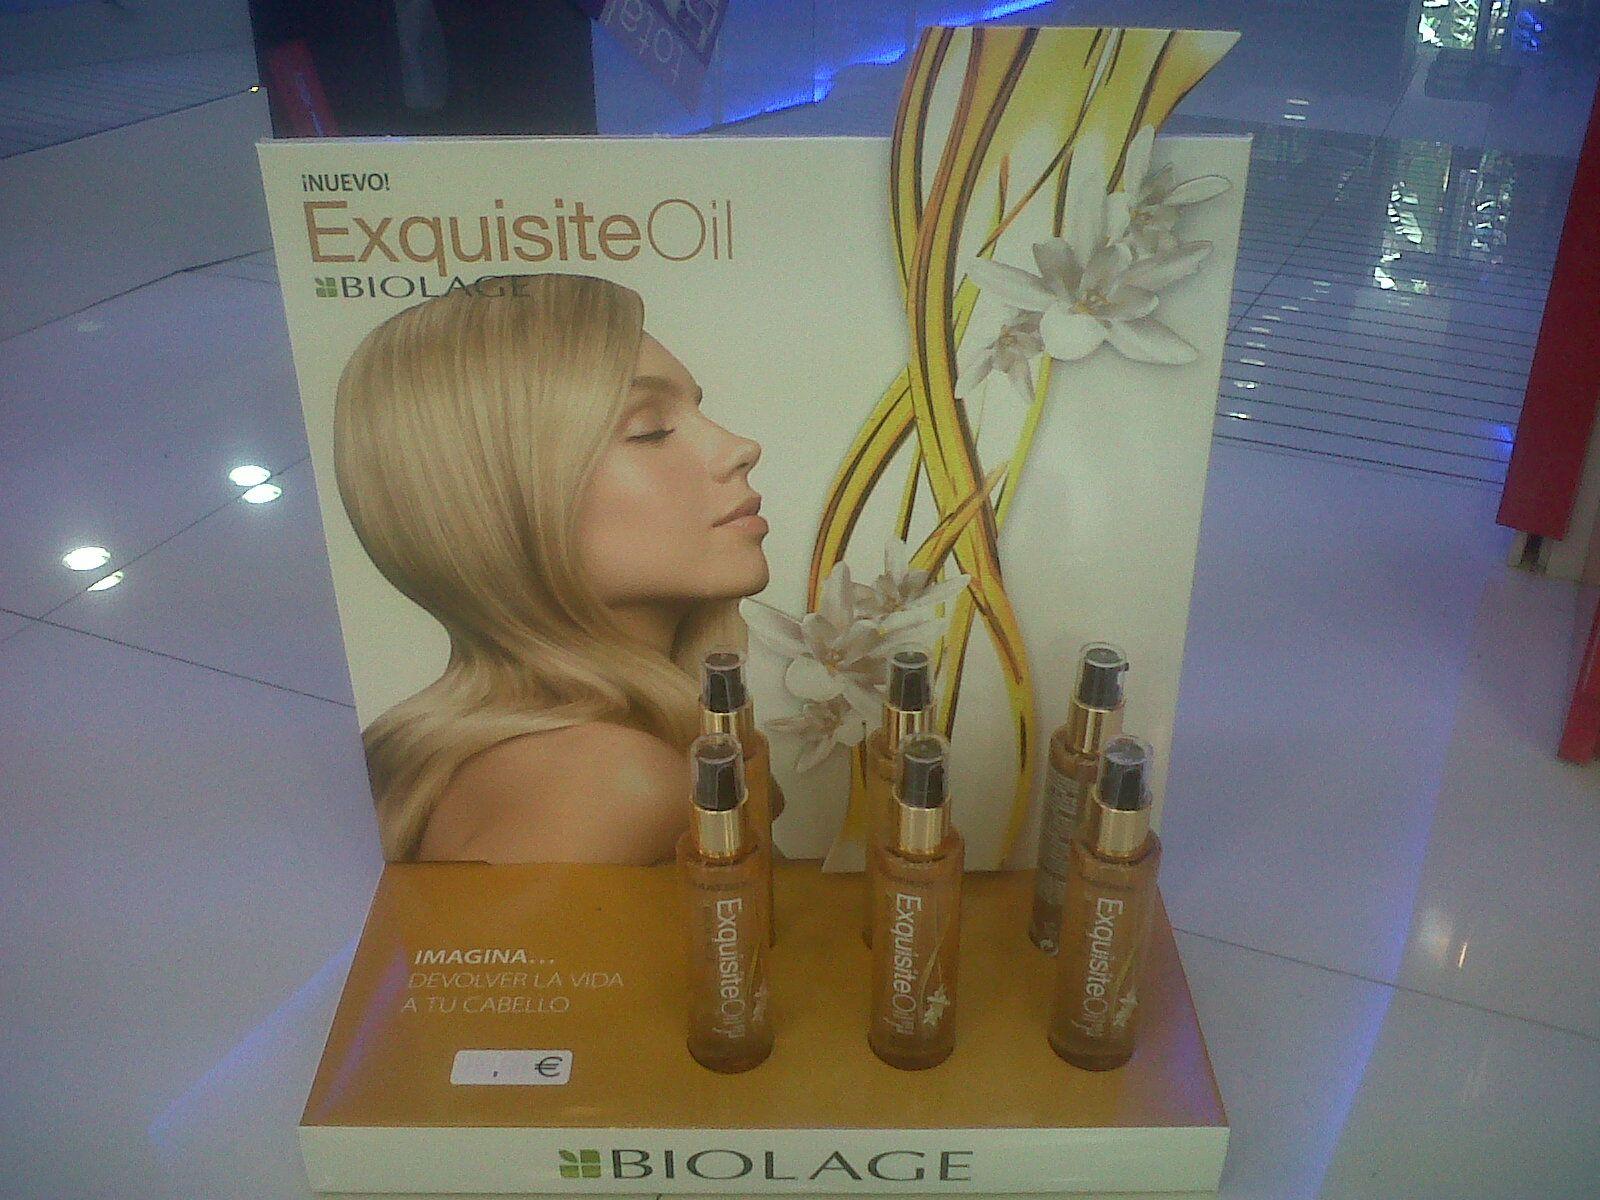 Exquisite Oil de Biolage